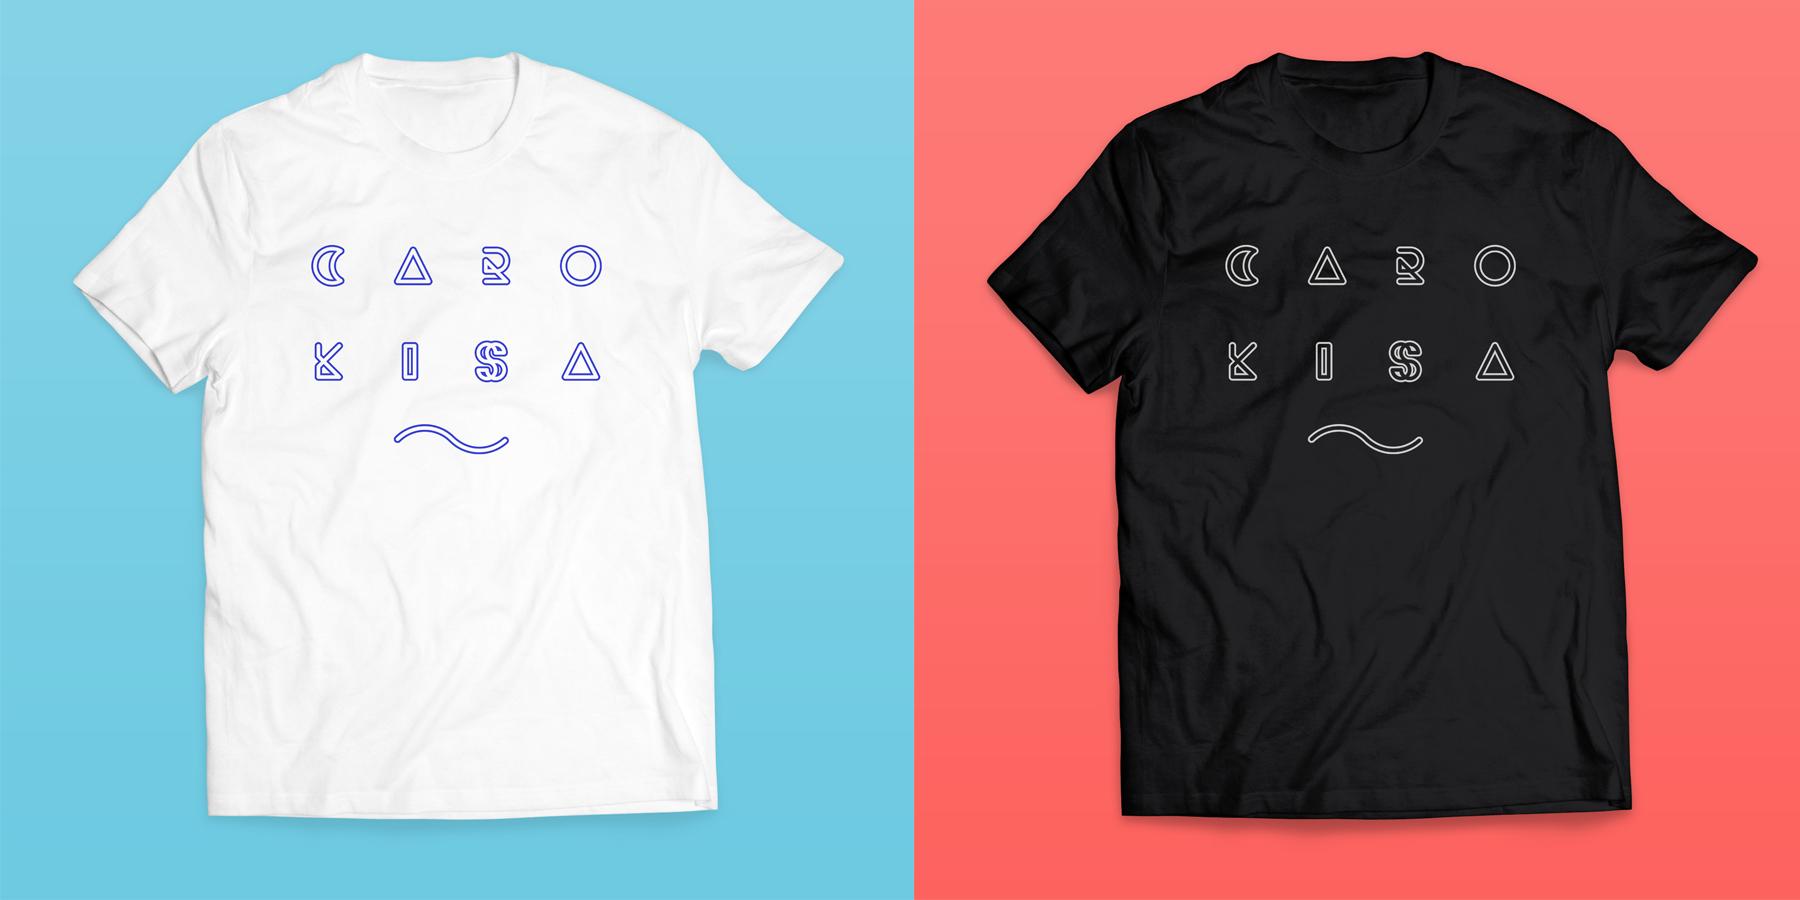 暑い夏にピッタリの「Caro kissa Tシャツ」!